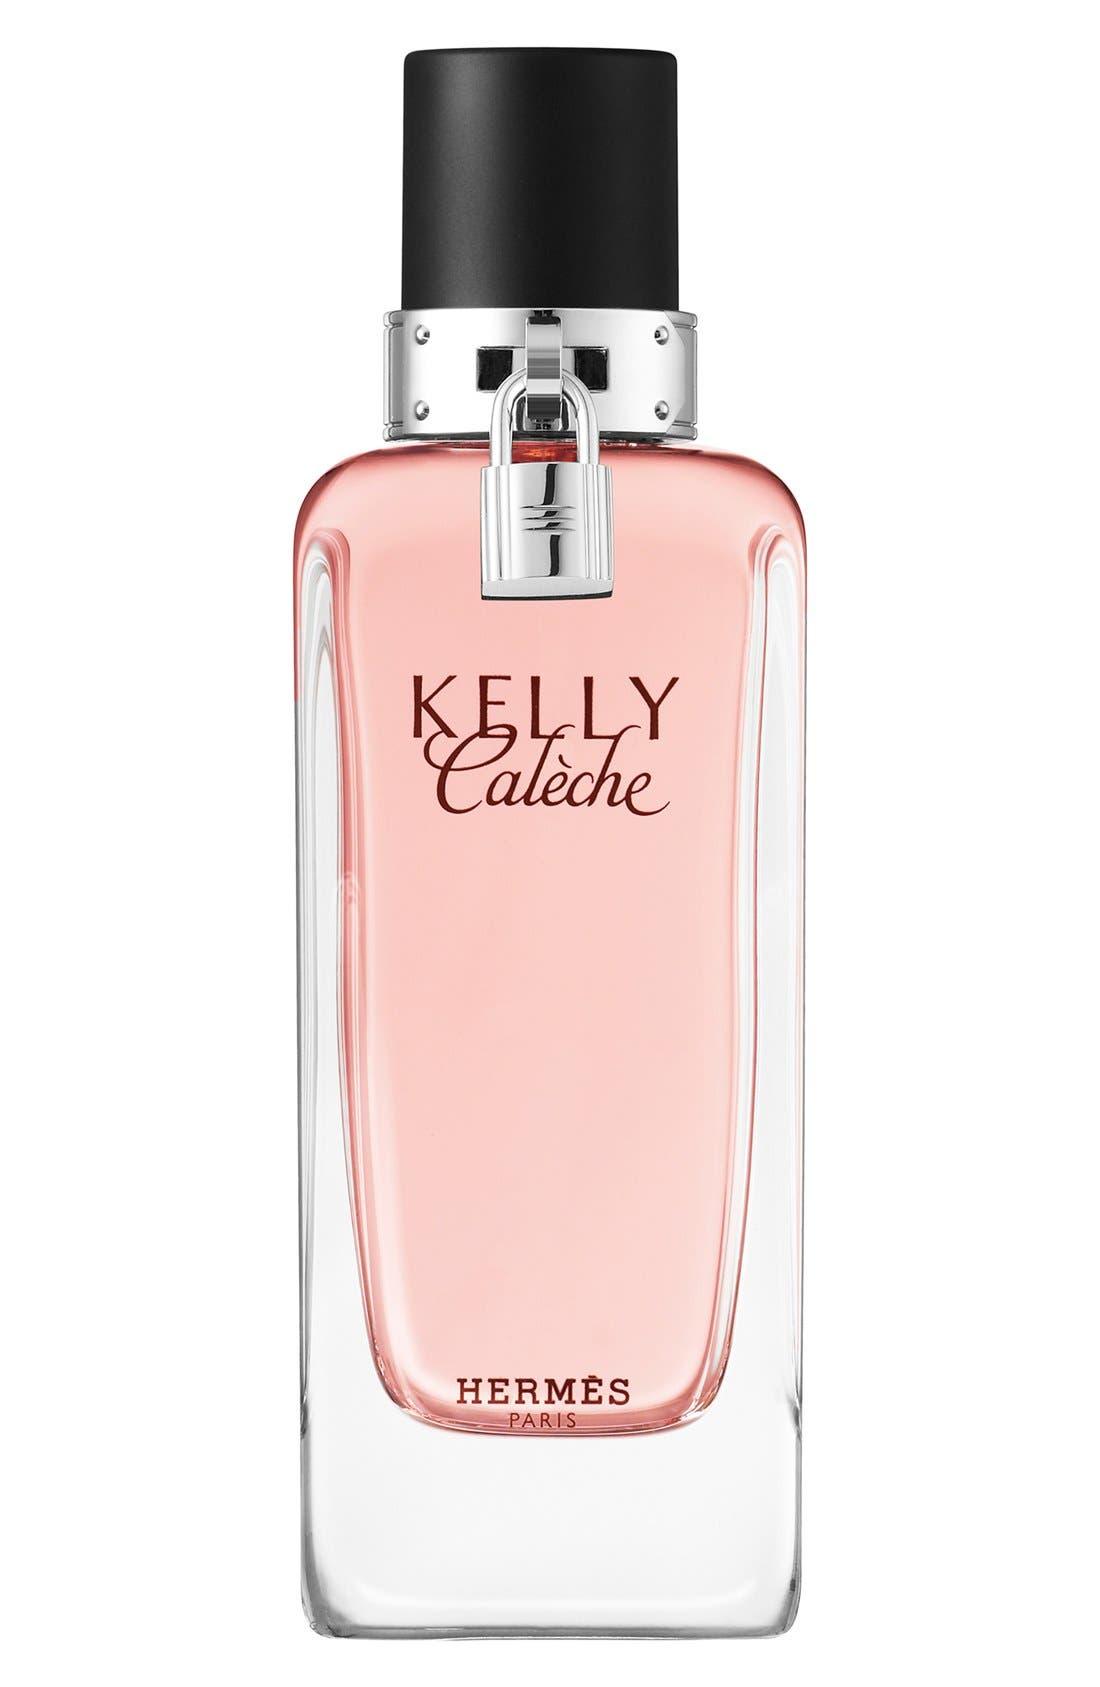 Hermès Kelly Calèche - Eau de parfum,                             Main thumbnail 1, color,                             NO COLOR